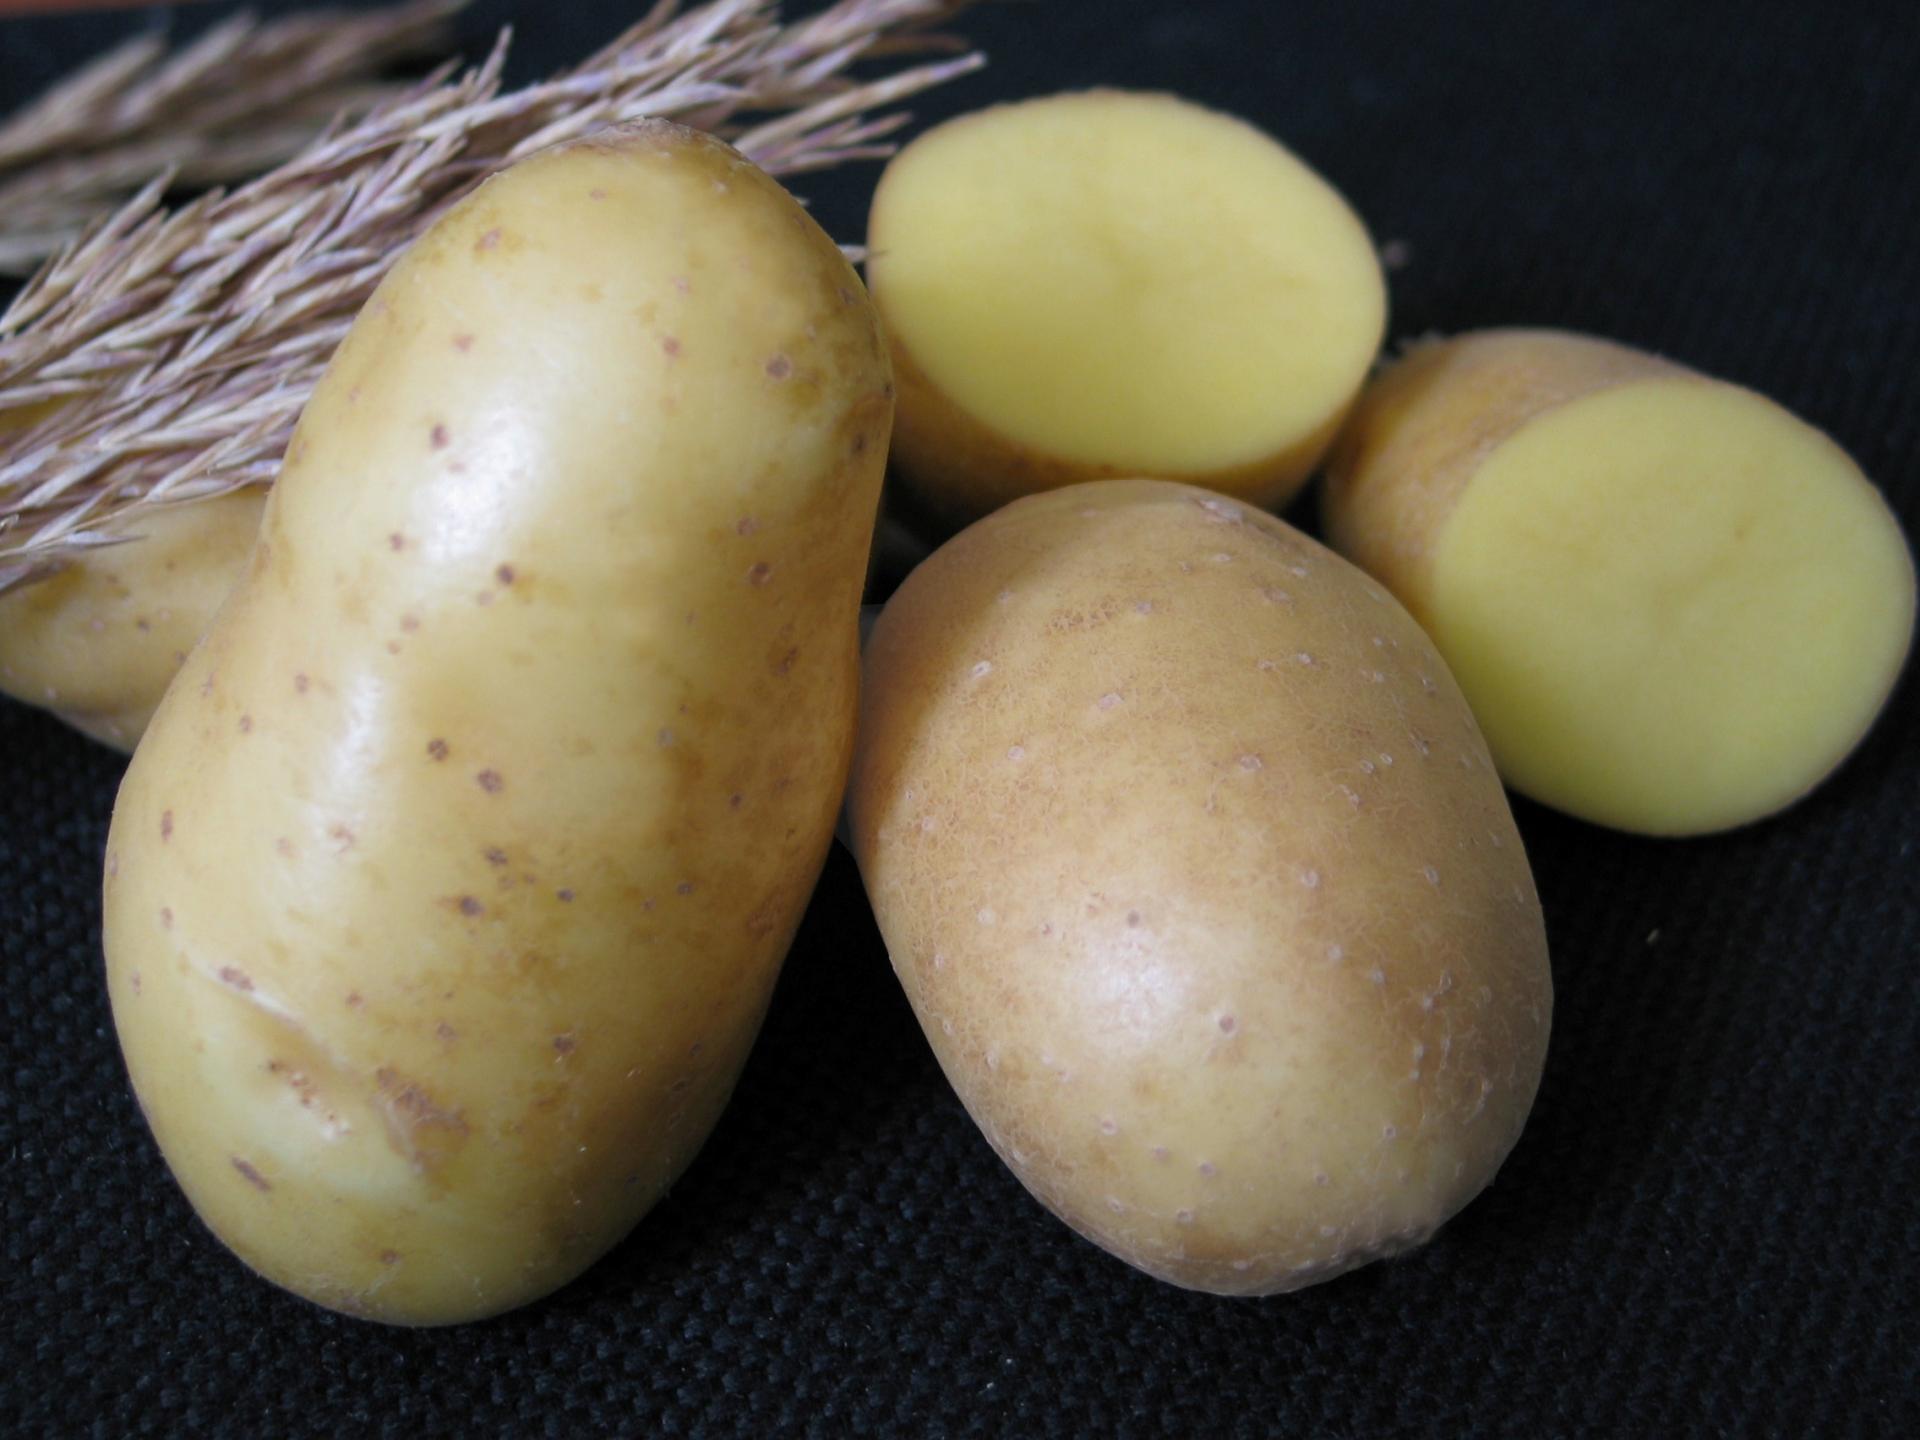 Картофель сорта Фрутелла – отличный выбор, как для частного огорода, так и для промышленного выращивания